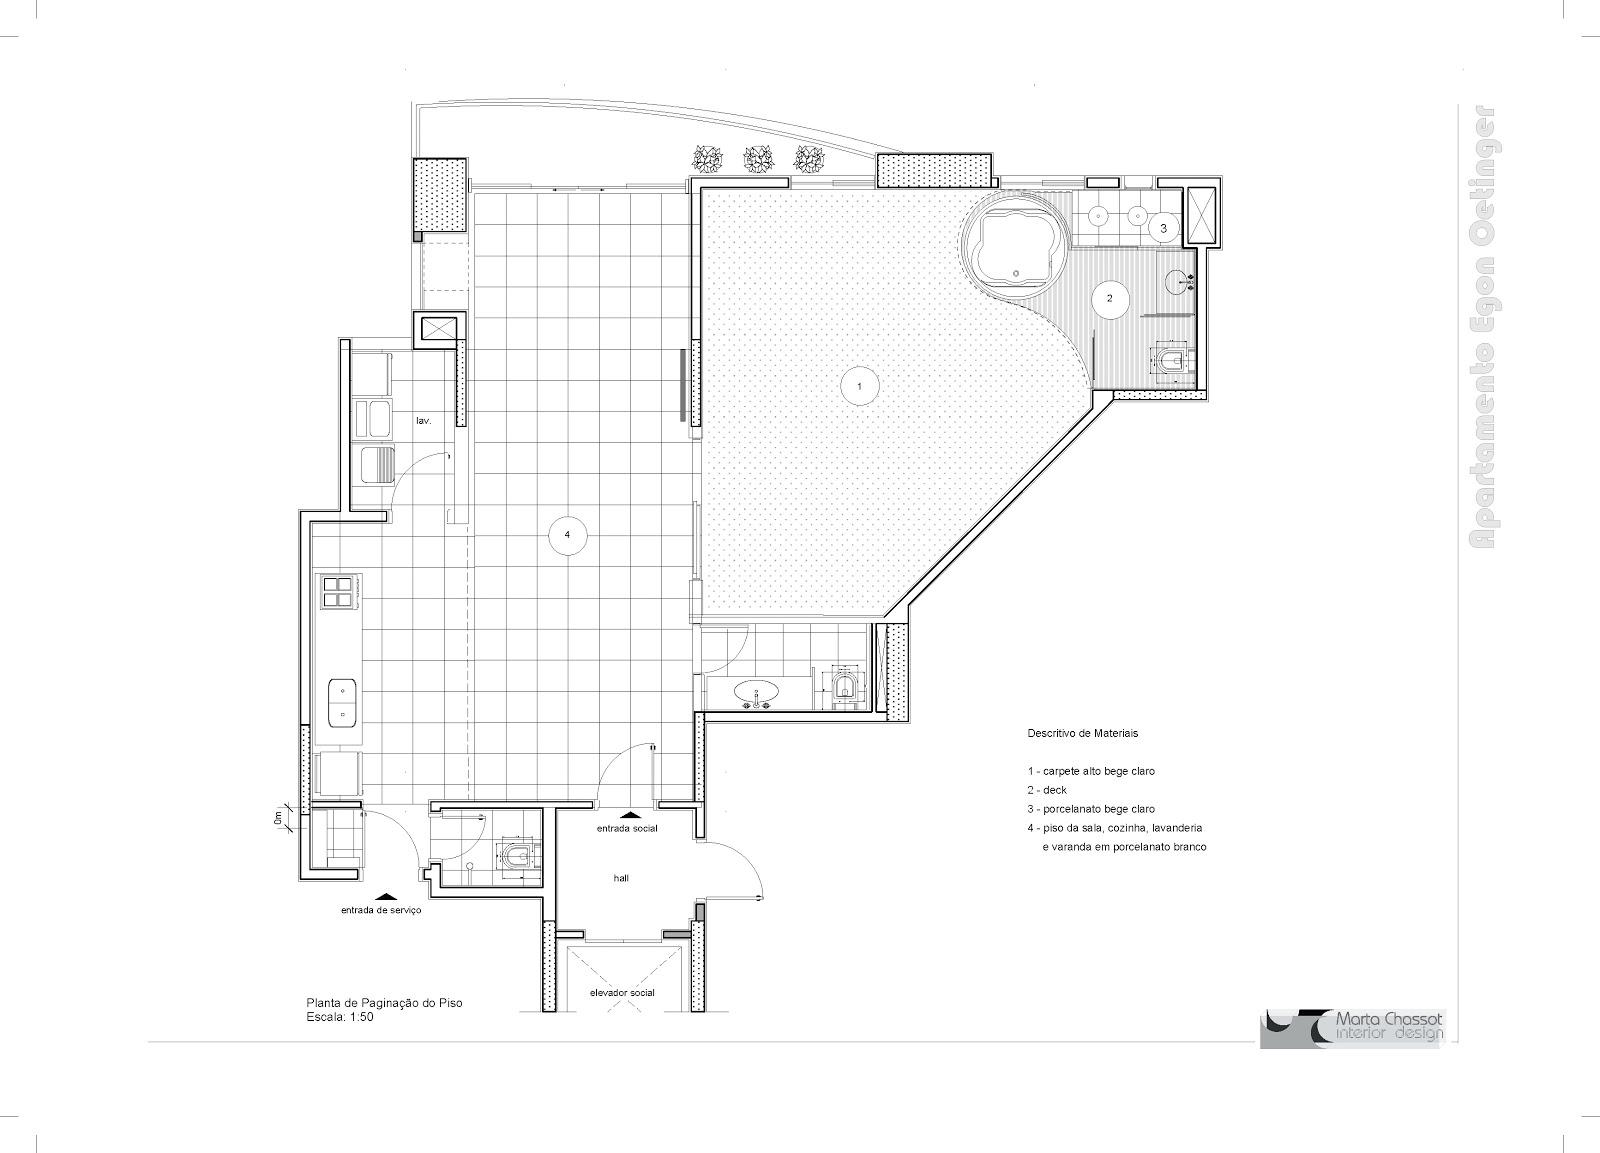 Sr. Egon Oetinger Projeto Executivo Design de Interiores #282B2C 1600 1153